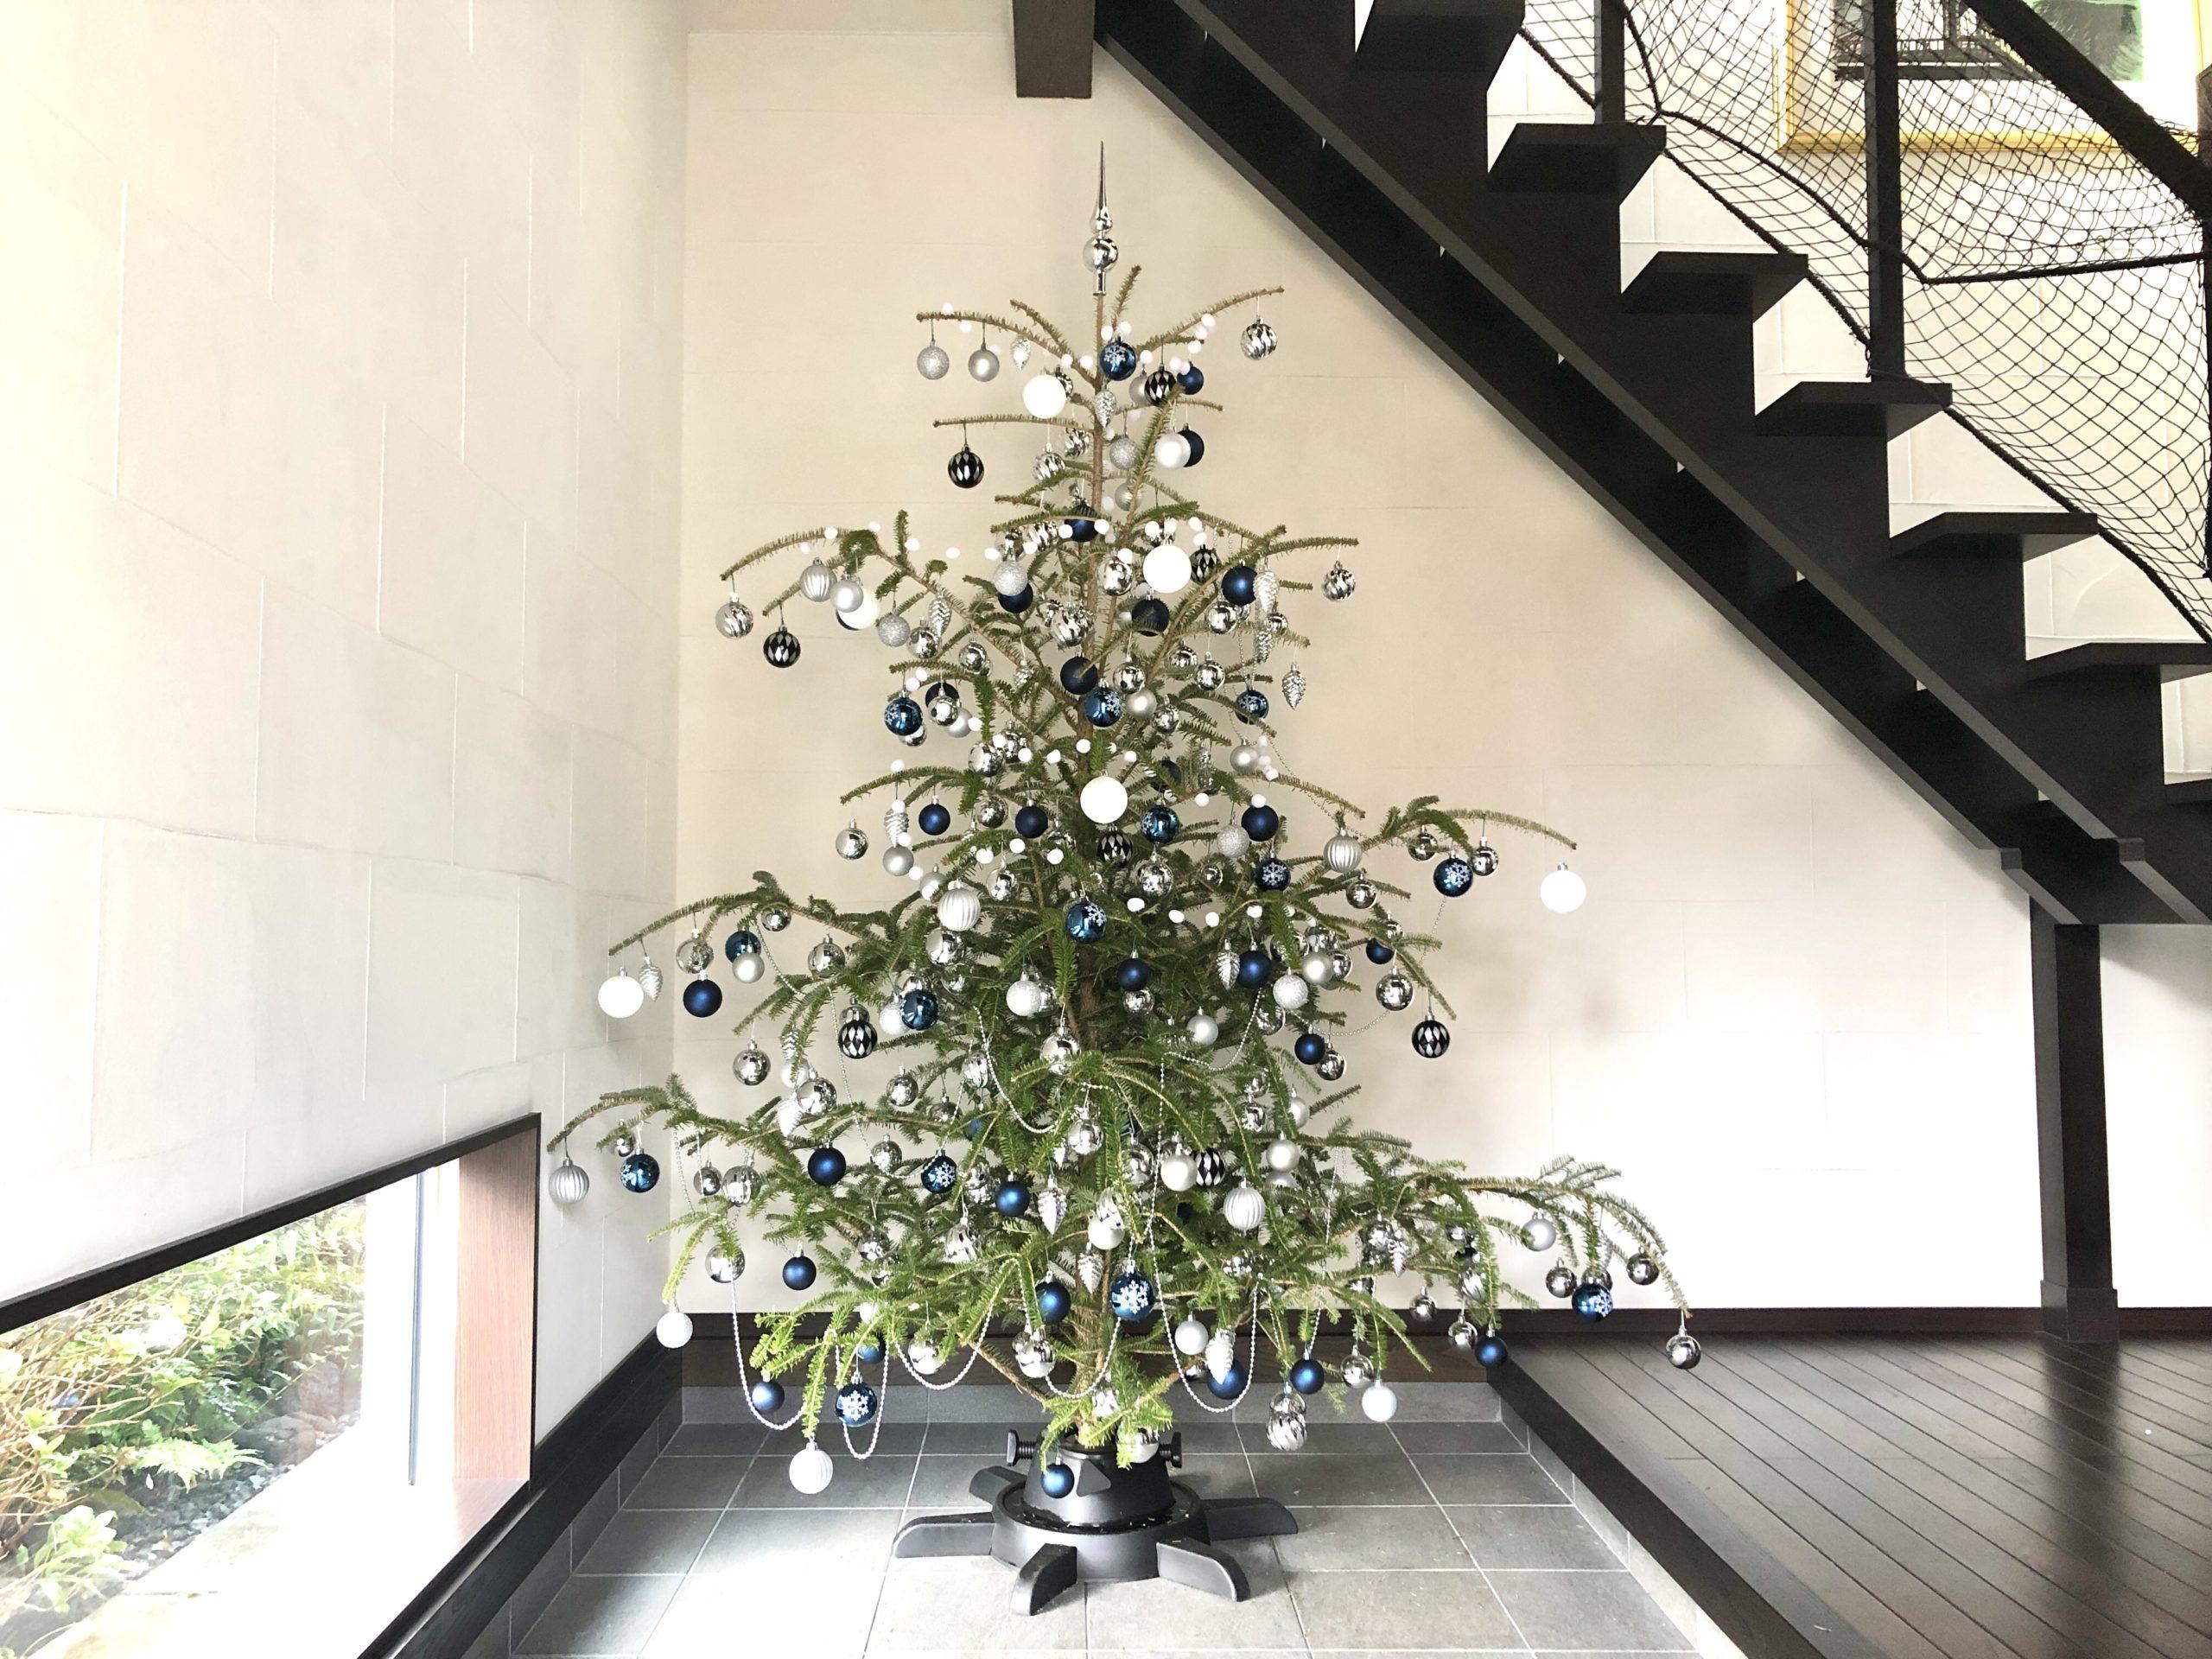 IKEAのもみの木でクリスマスツリー、2020年。おすすめオーナメントや飾り方